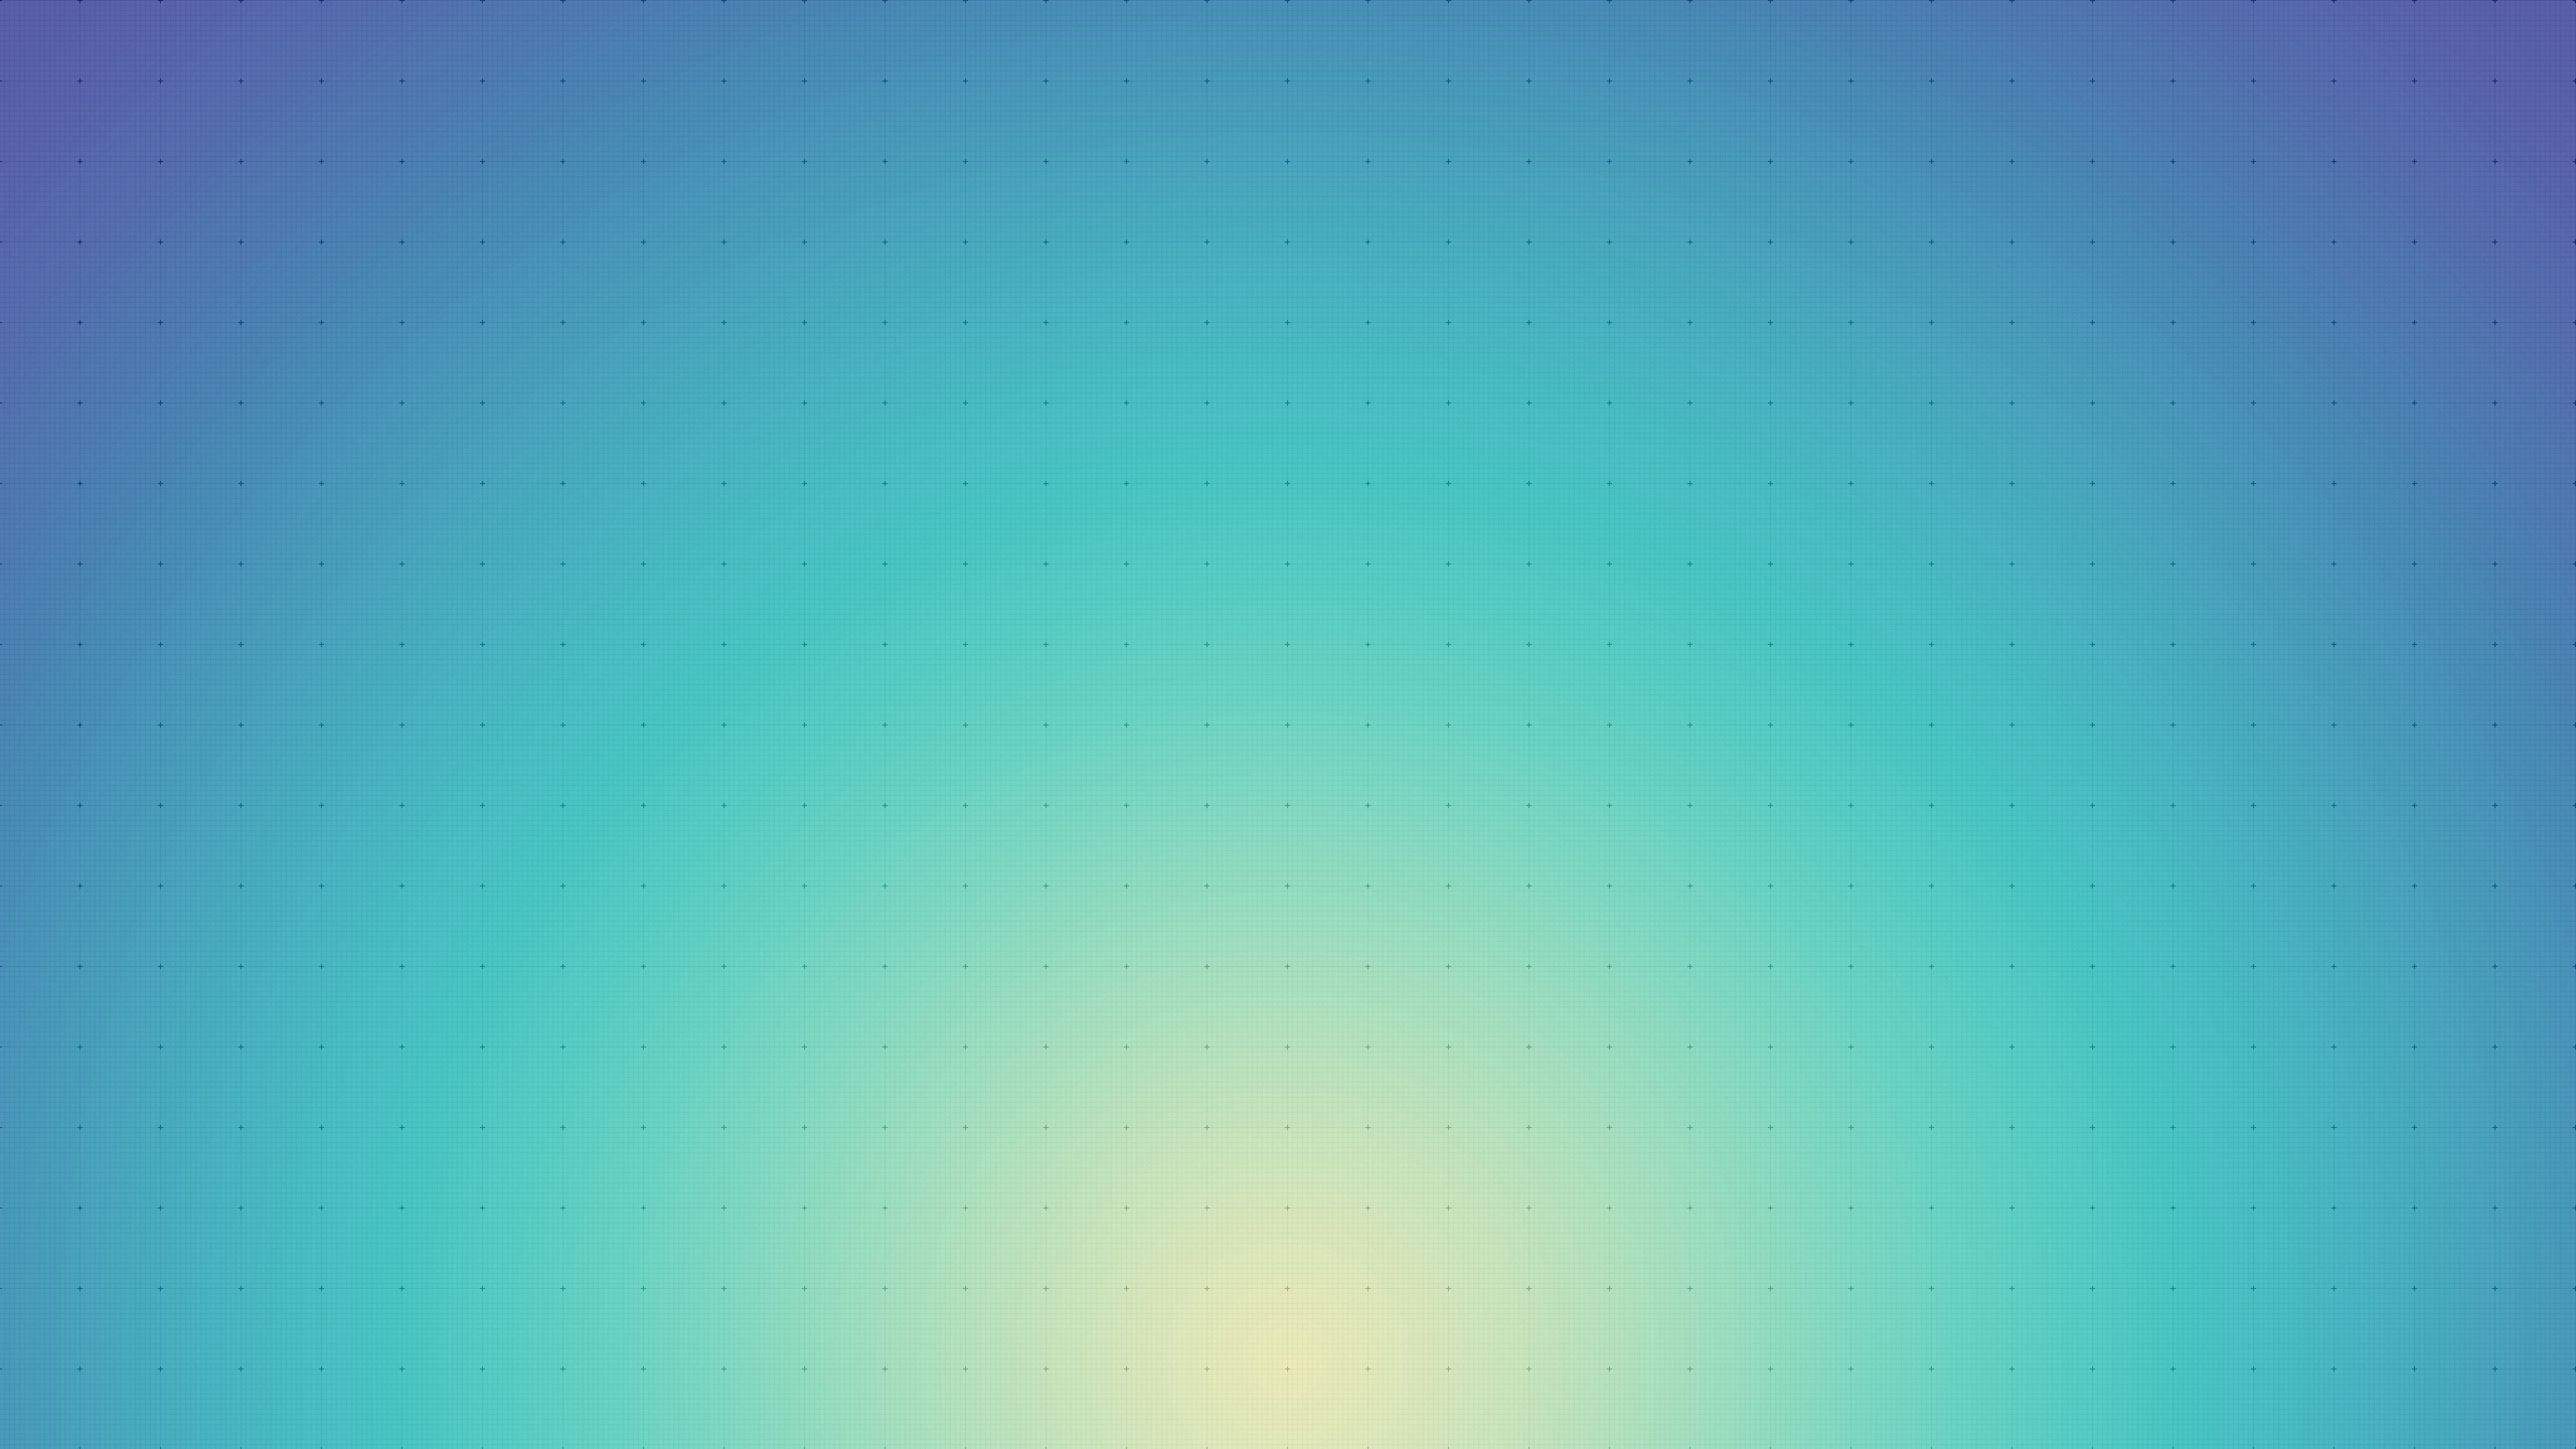 Ios 7 Iphone Wallpaper: IOS 7 IPad Wallpapers